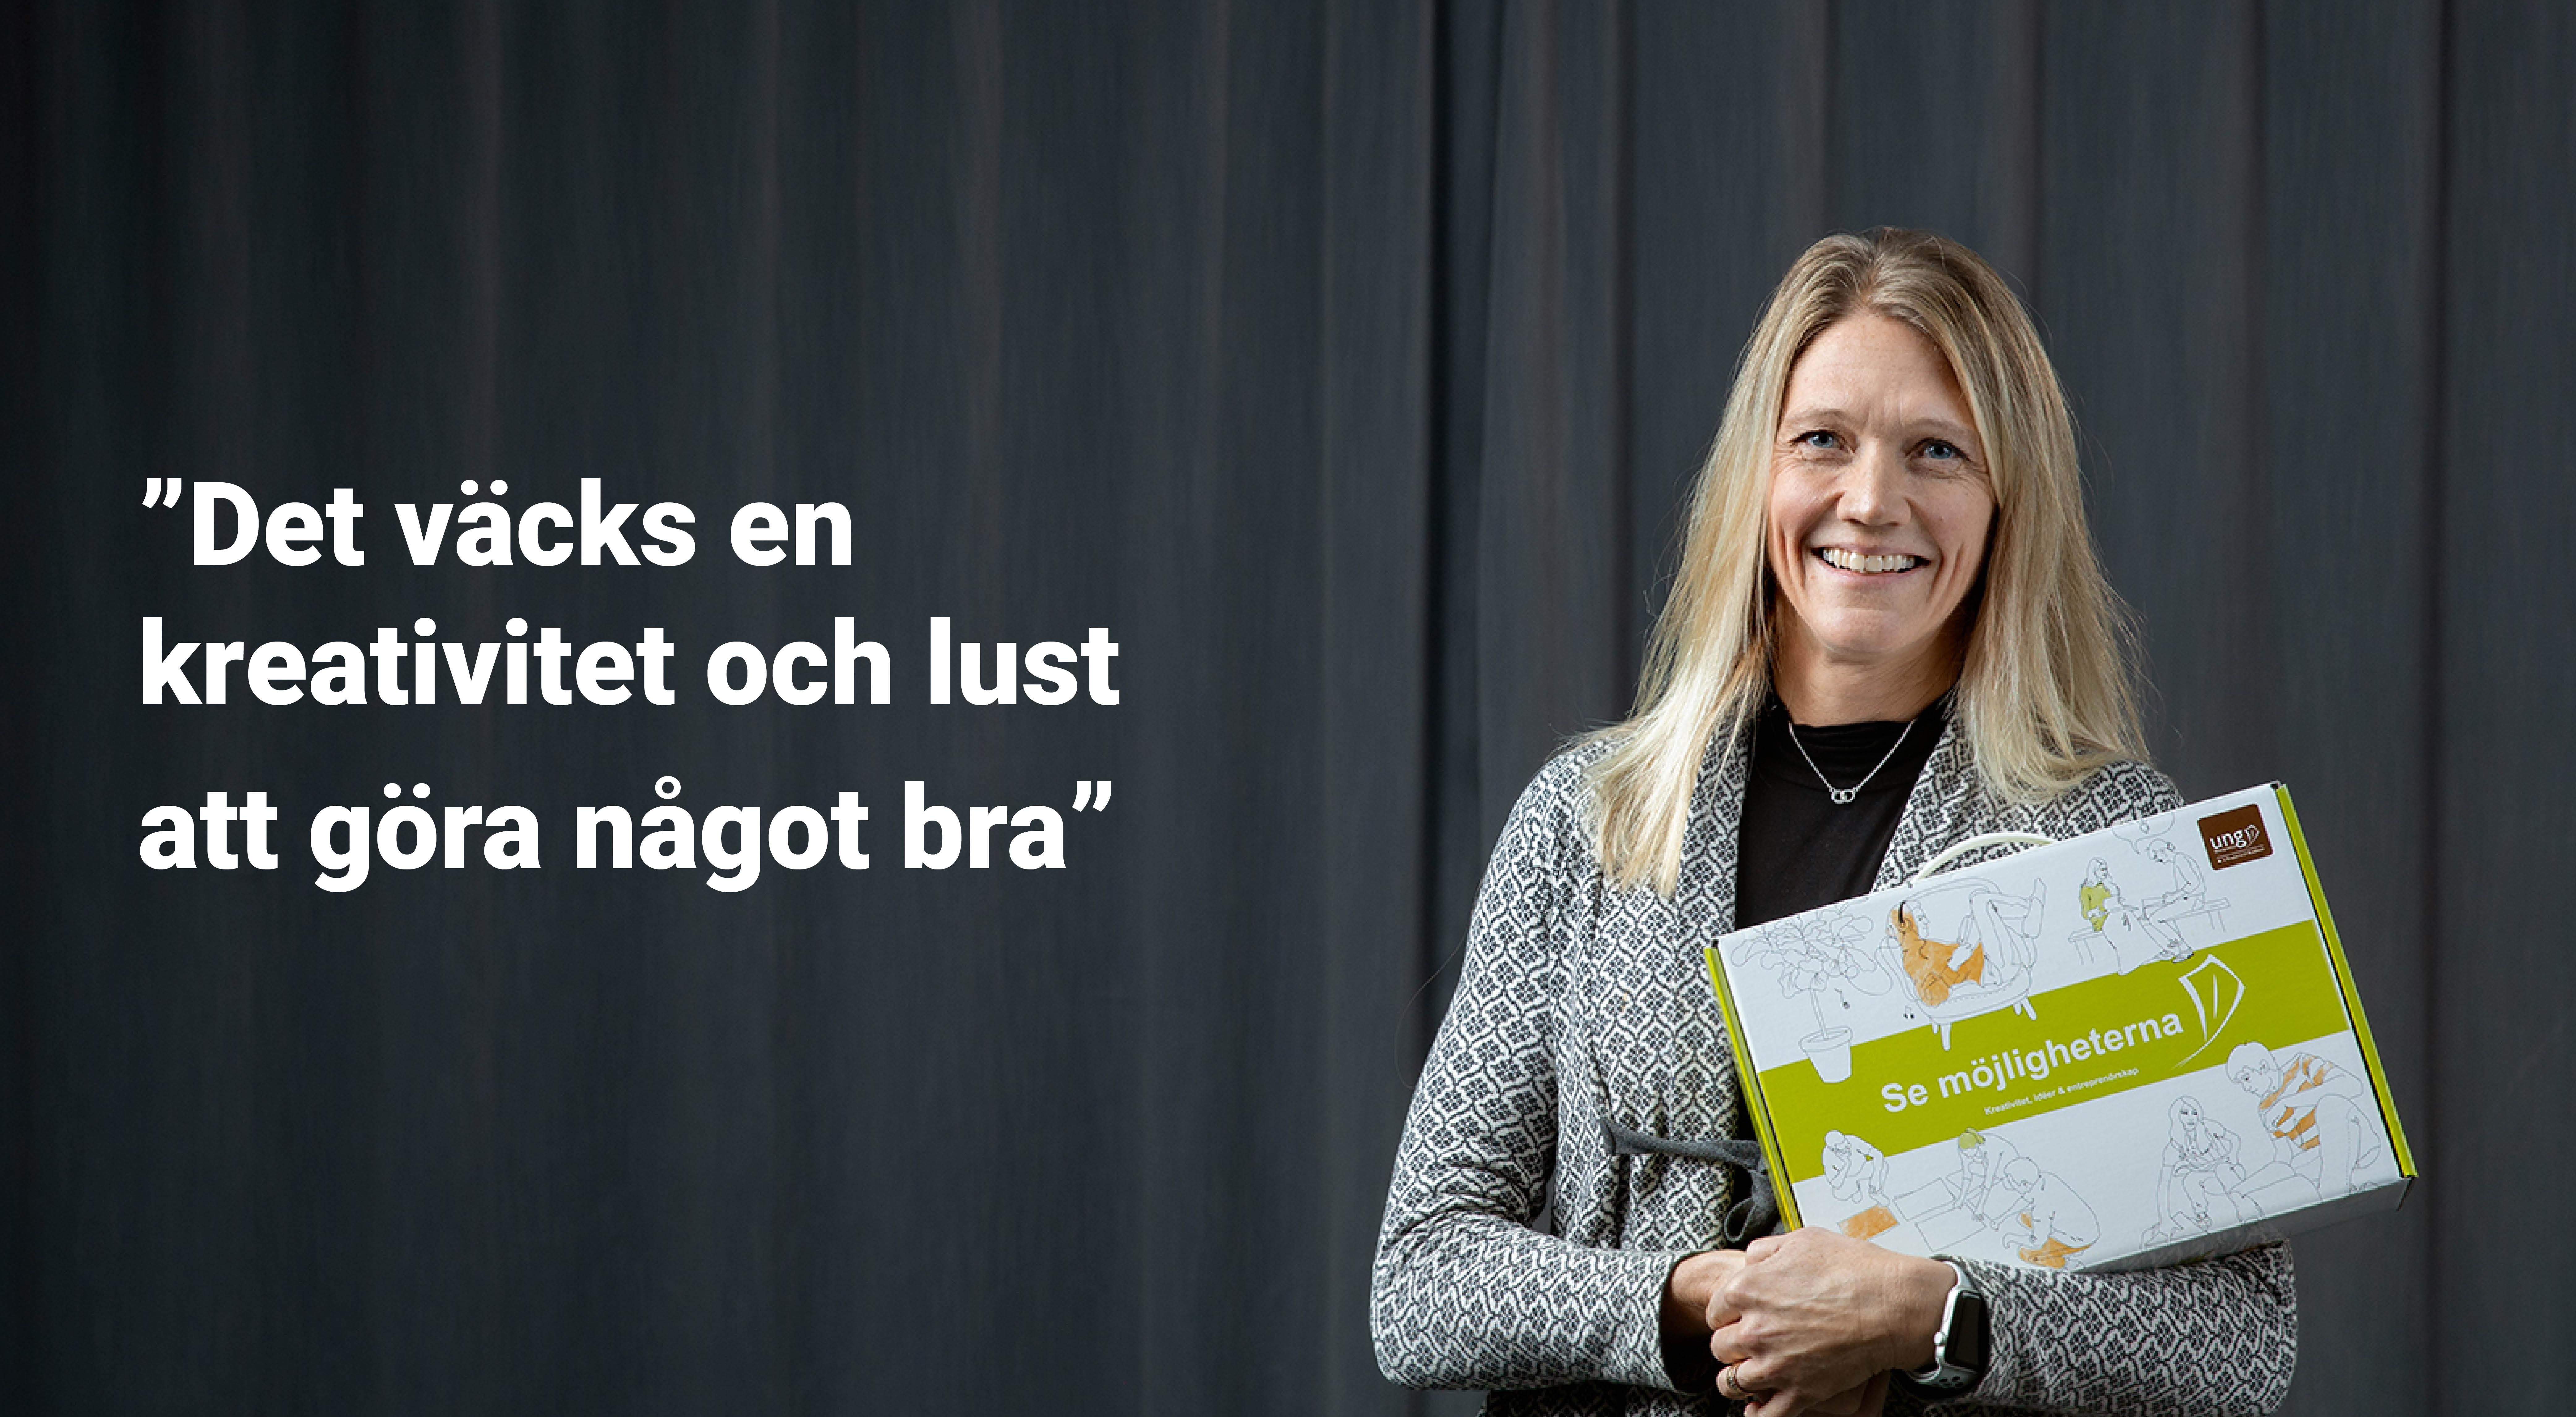 Charlotta Dahlqvist